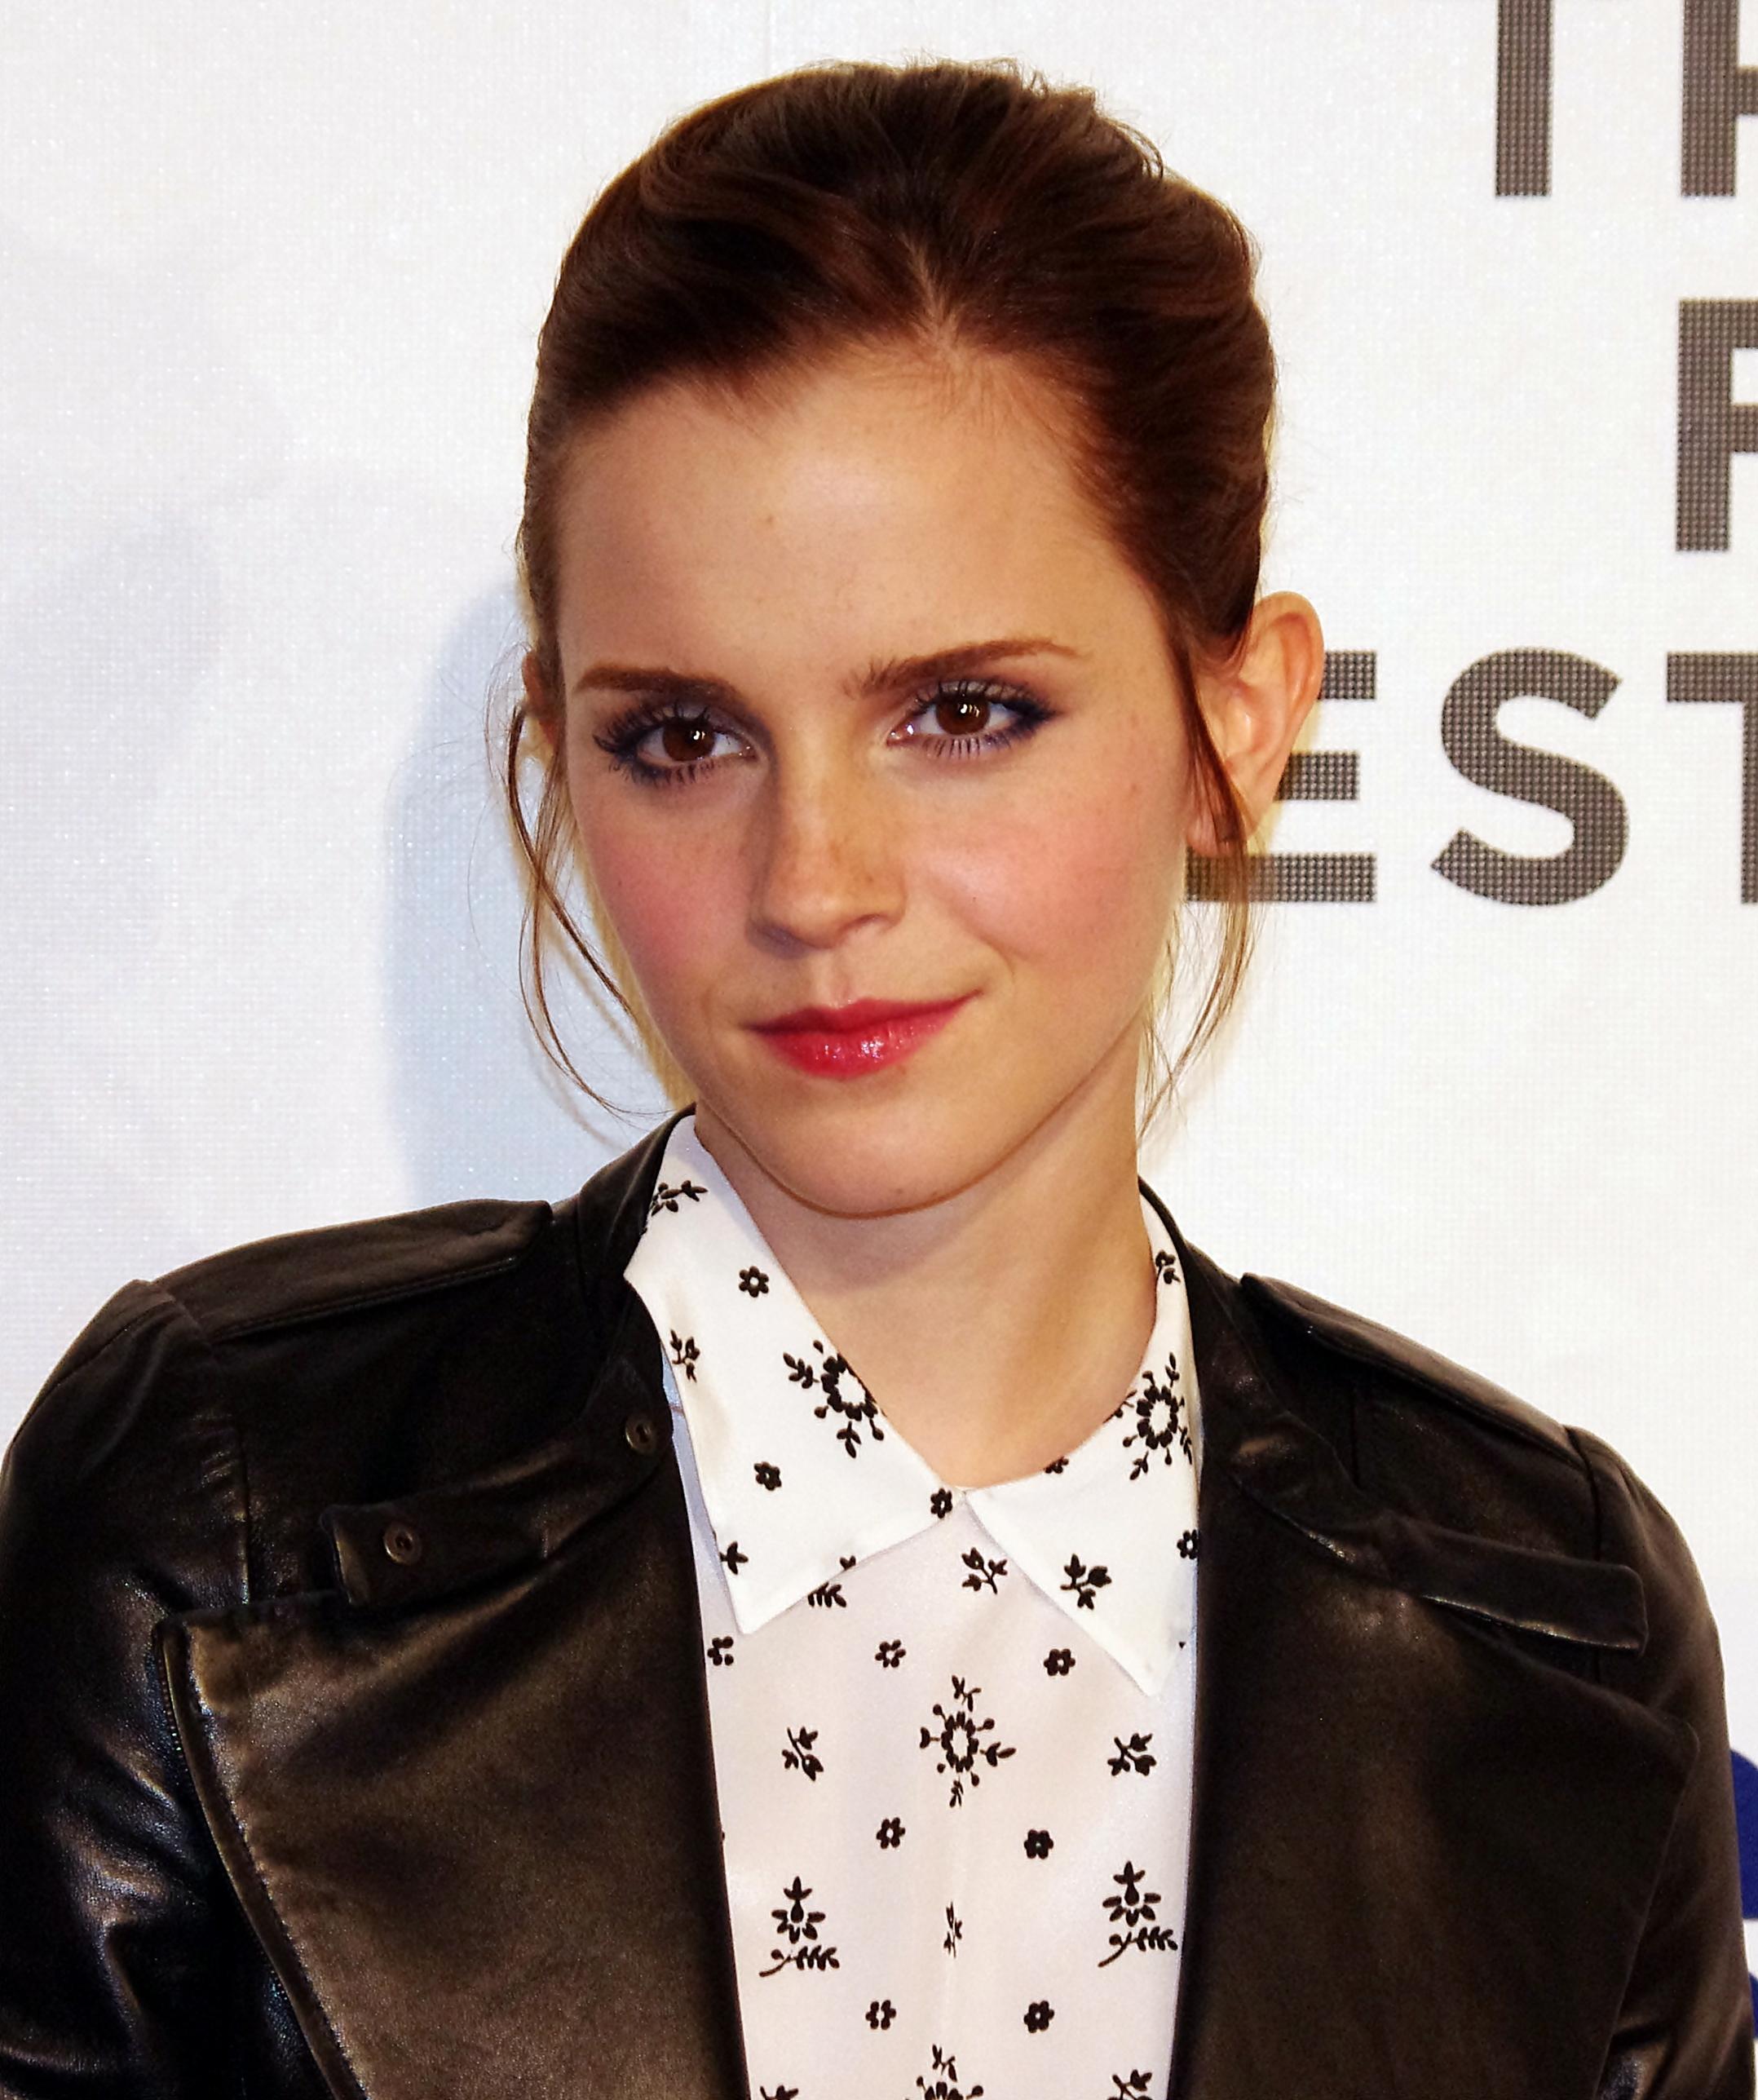 File:Emma Watson 2012.jpg - Wikimedia Commons Emma Watson